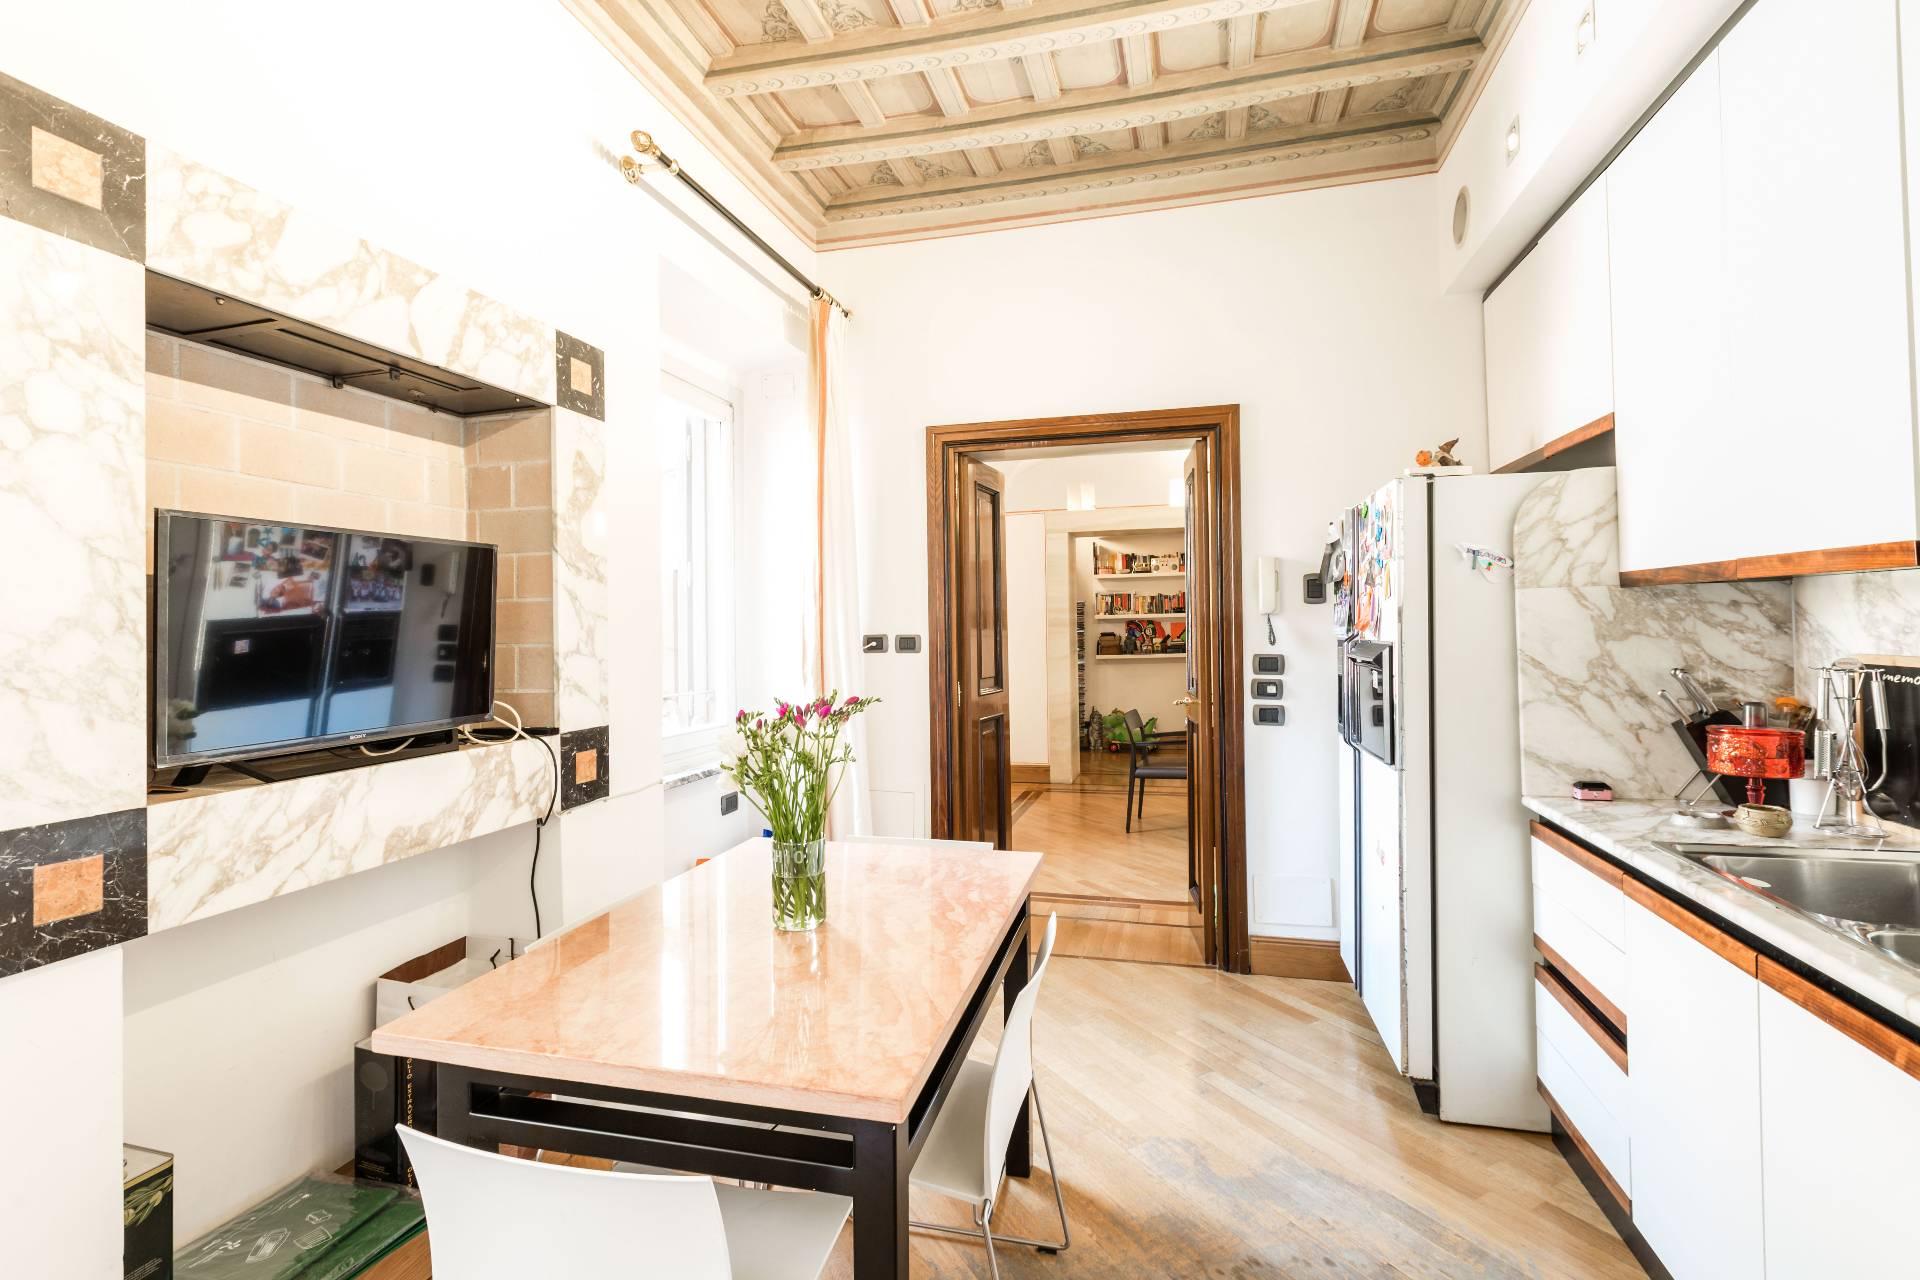 Cbi073 4555 appartamento in vendita a roma centro for Vendita appartamenti centro storico roma